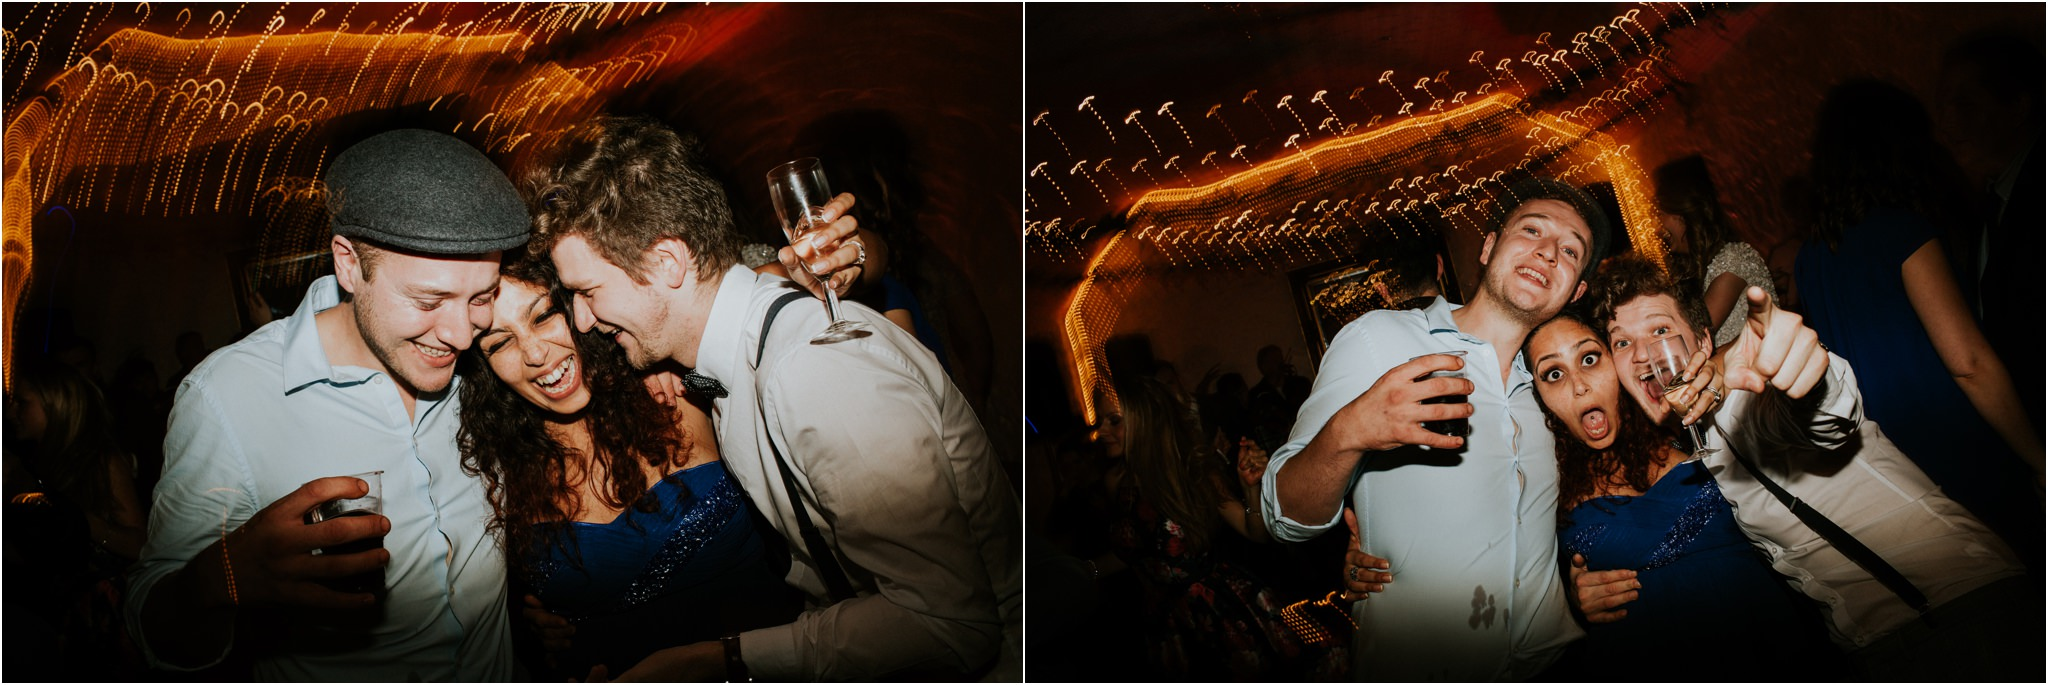 Photography 78 - Glasgow Wedding Photographer - Pete & Eilidh - Dalduff Farm_0113.jpg